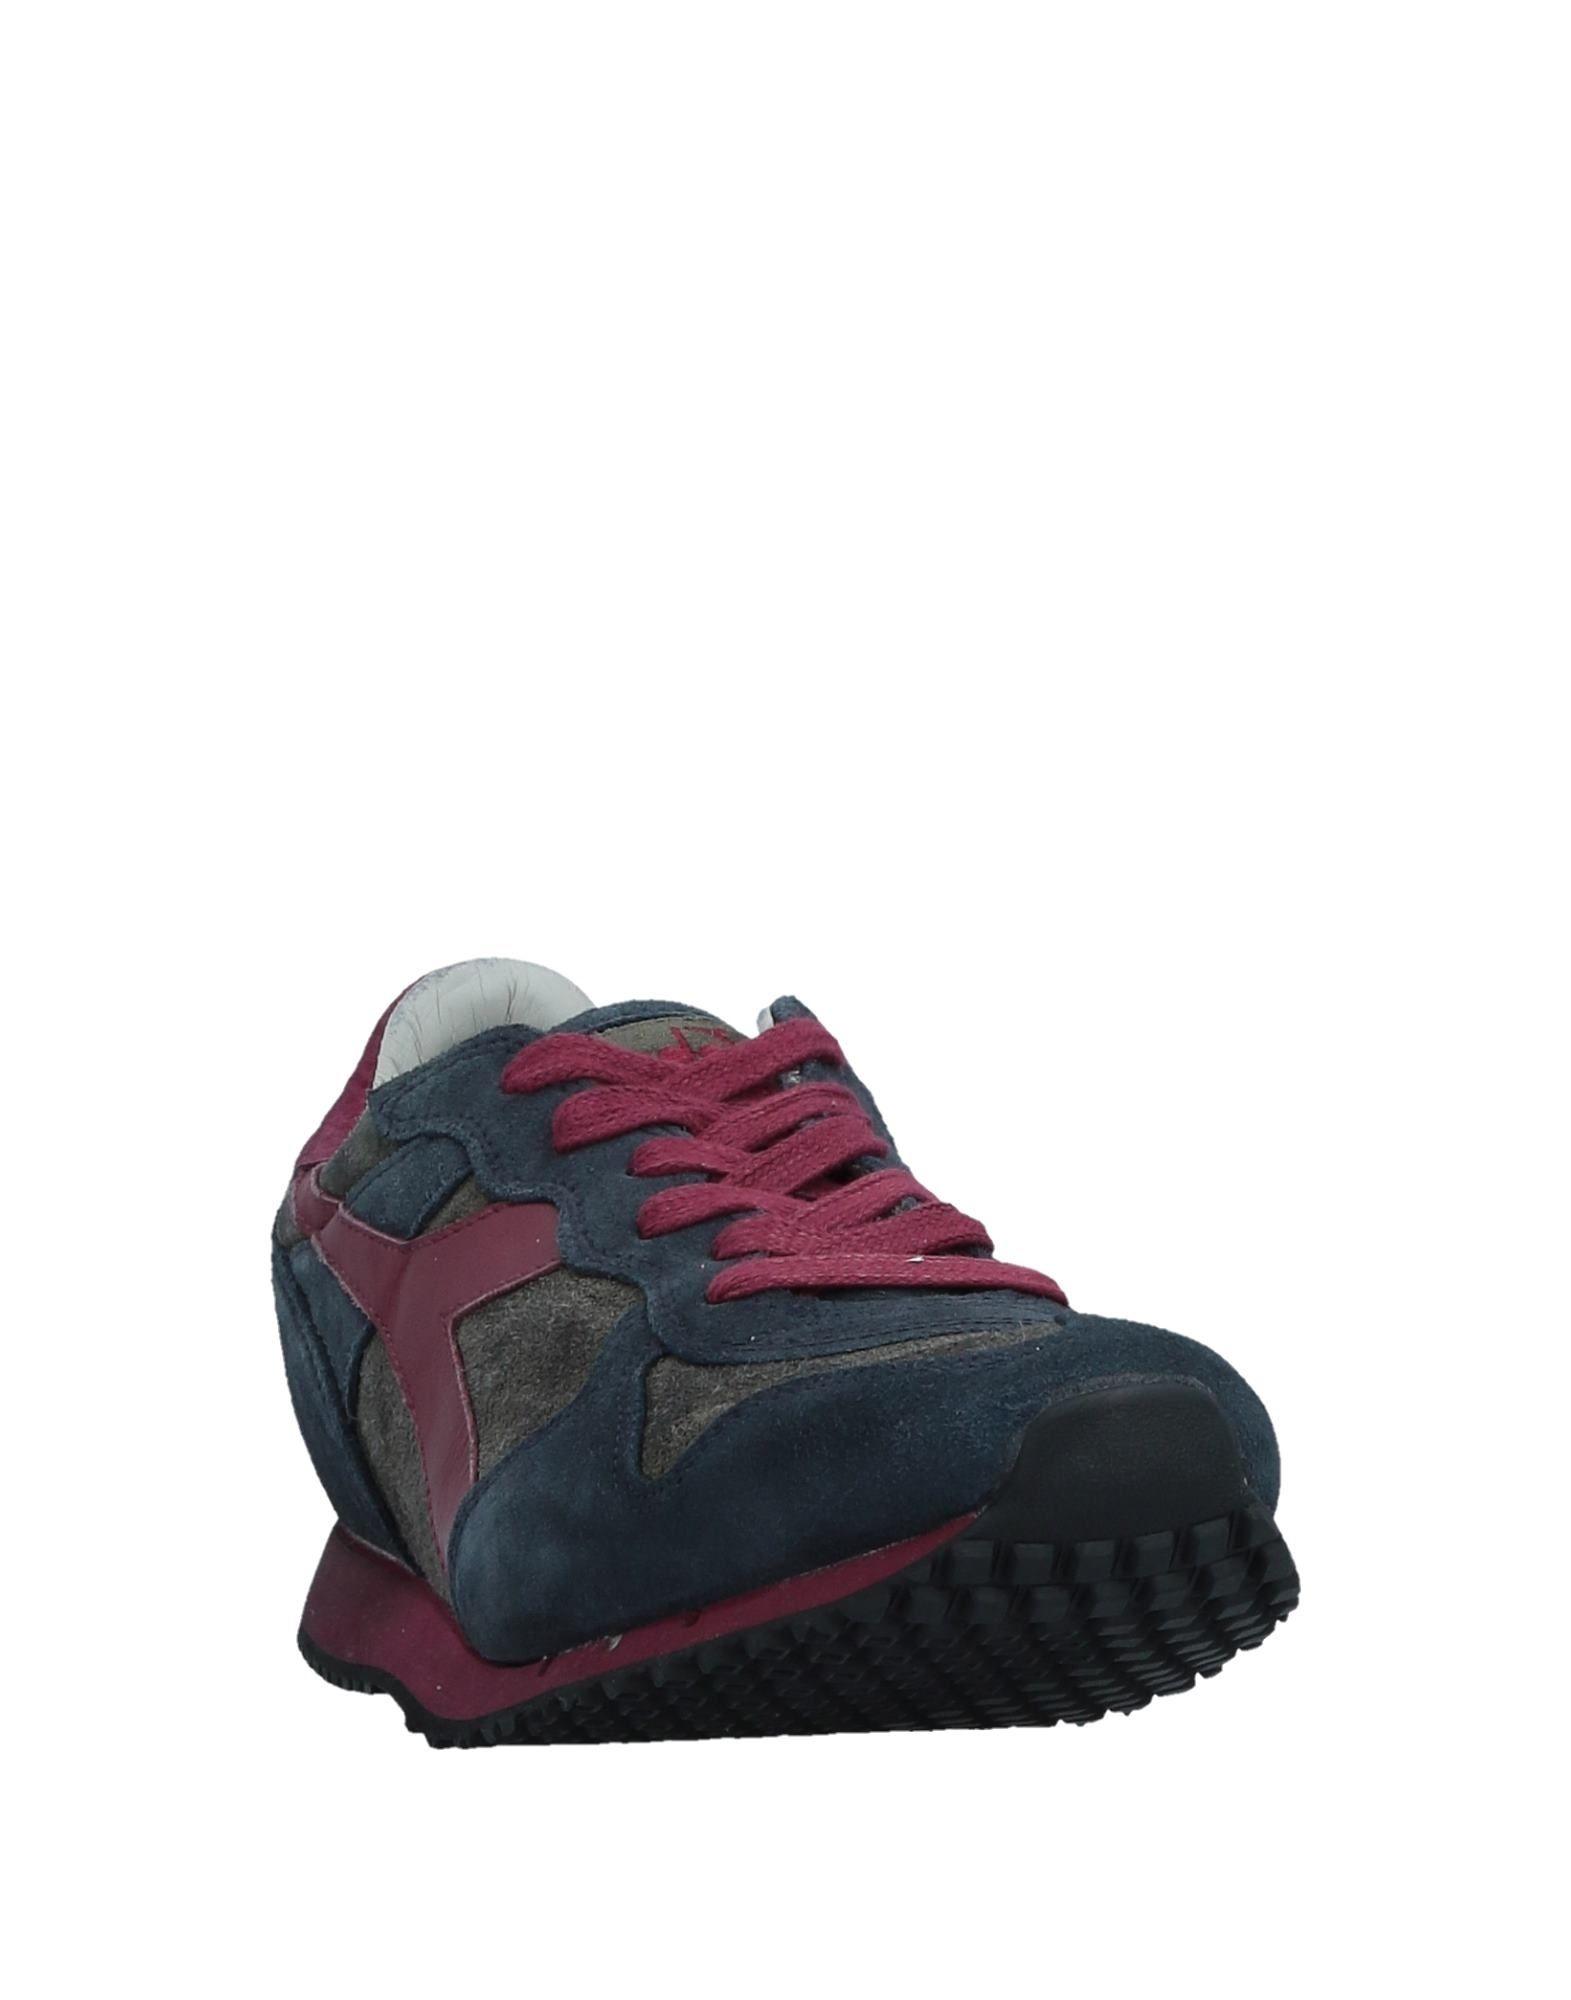 Diadora Heritage Sneakers Damen    11522492VP Gute Qualität beliebte Schuhe 01187a